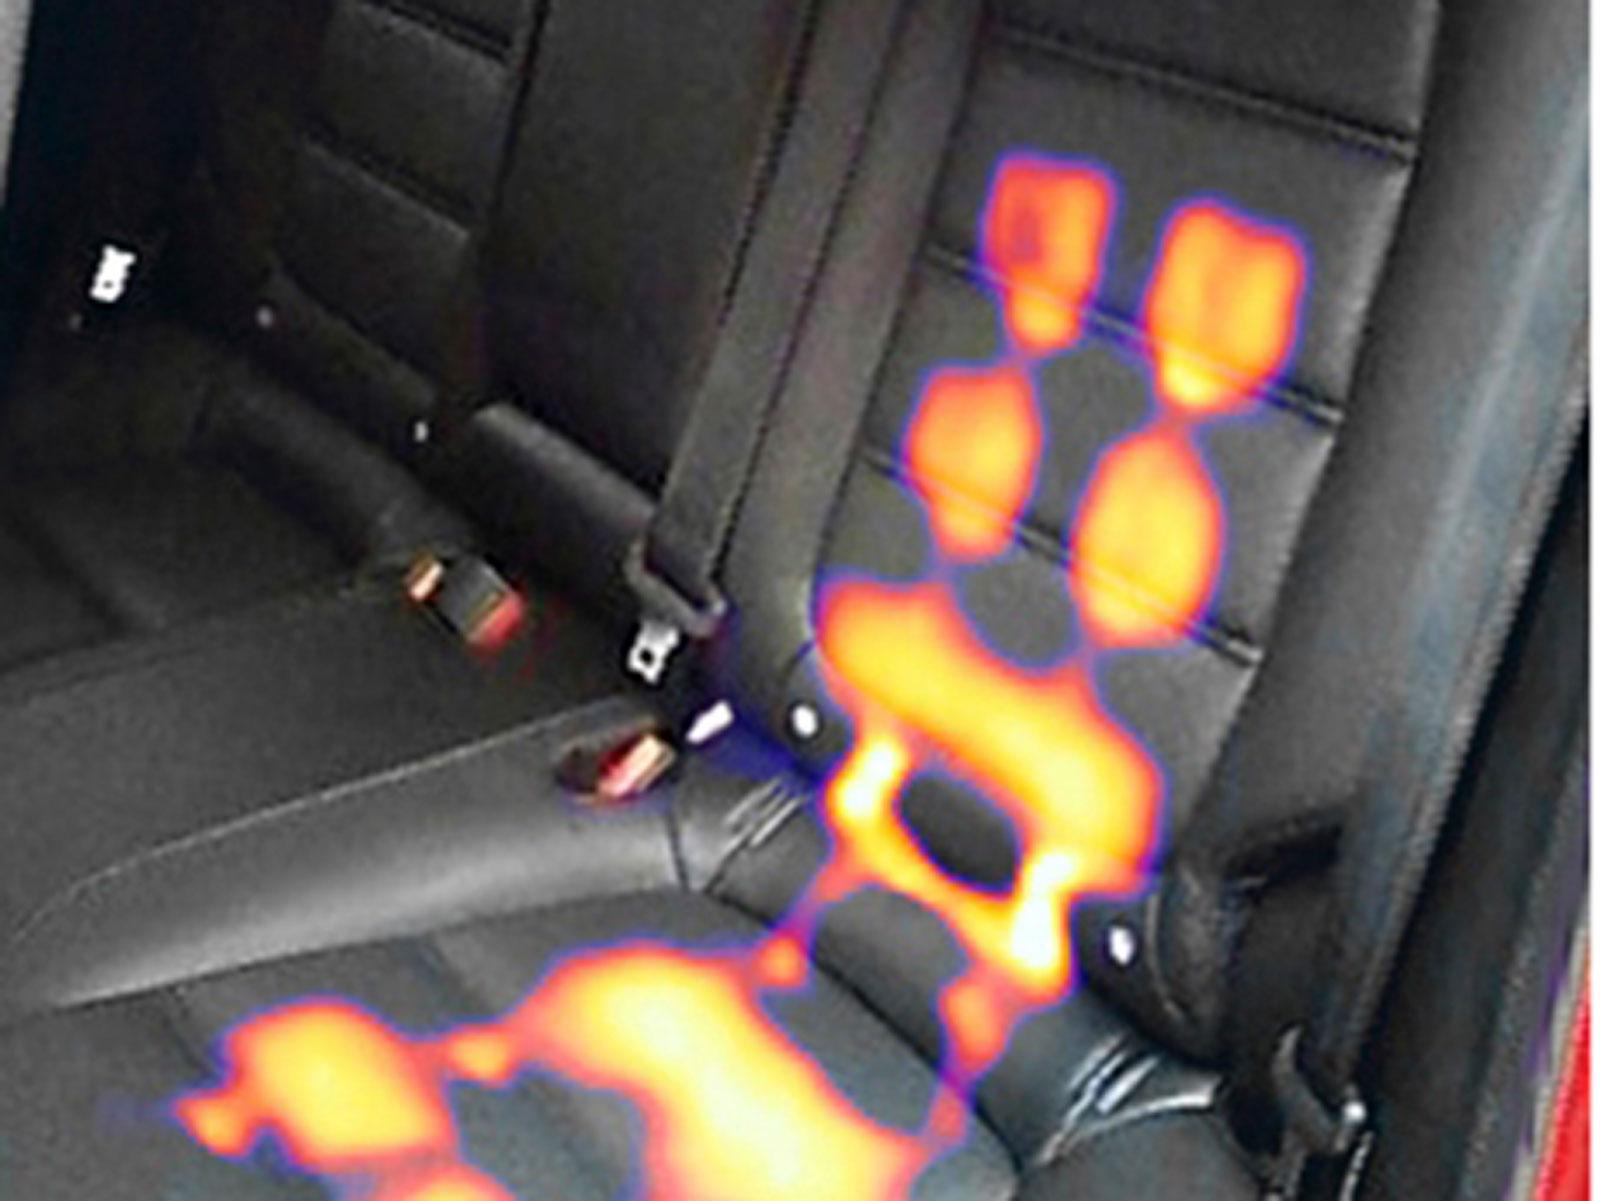 I Mazda 6 Optimum är värme i sits och ryggstöd bak standard. Enligt värmekameran finns ett flertal stora värmepunkter.